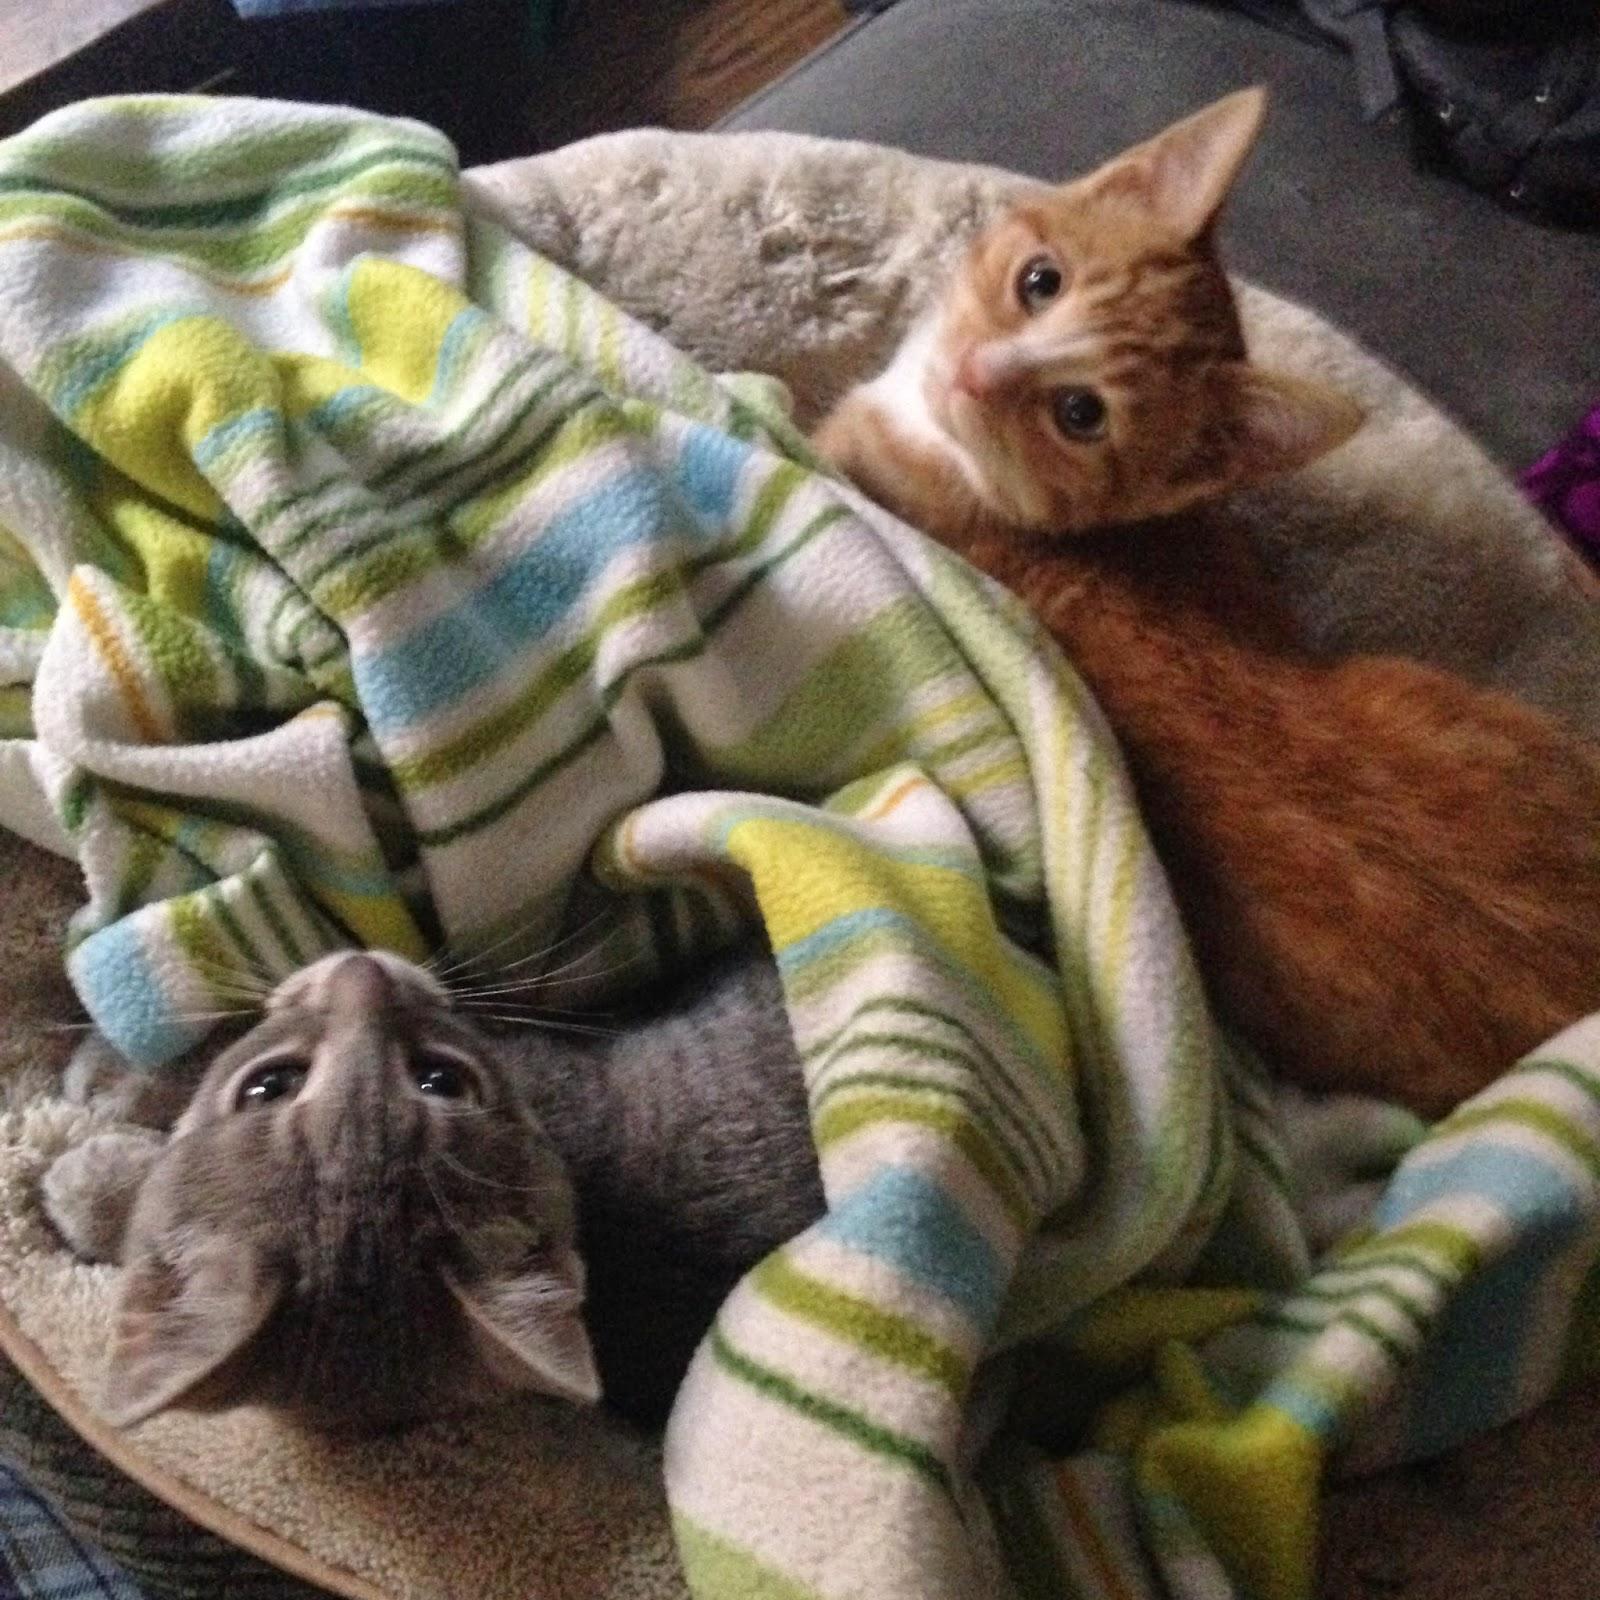 Kittens, Adorable Kittens, Tabby Cat